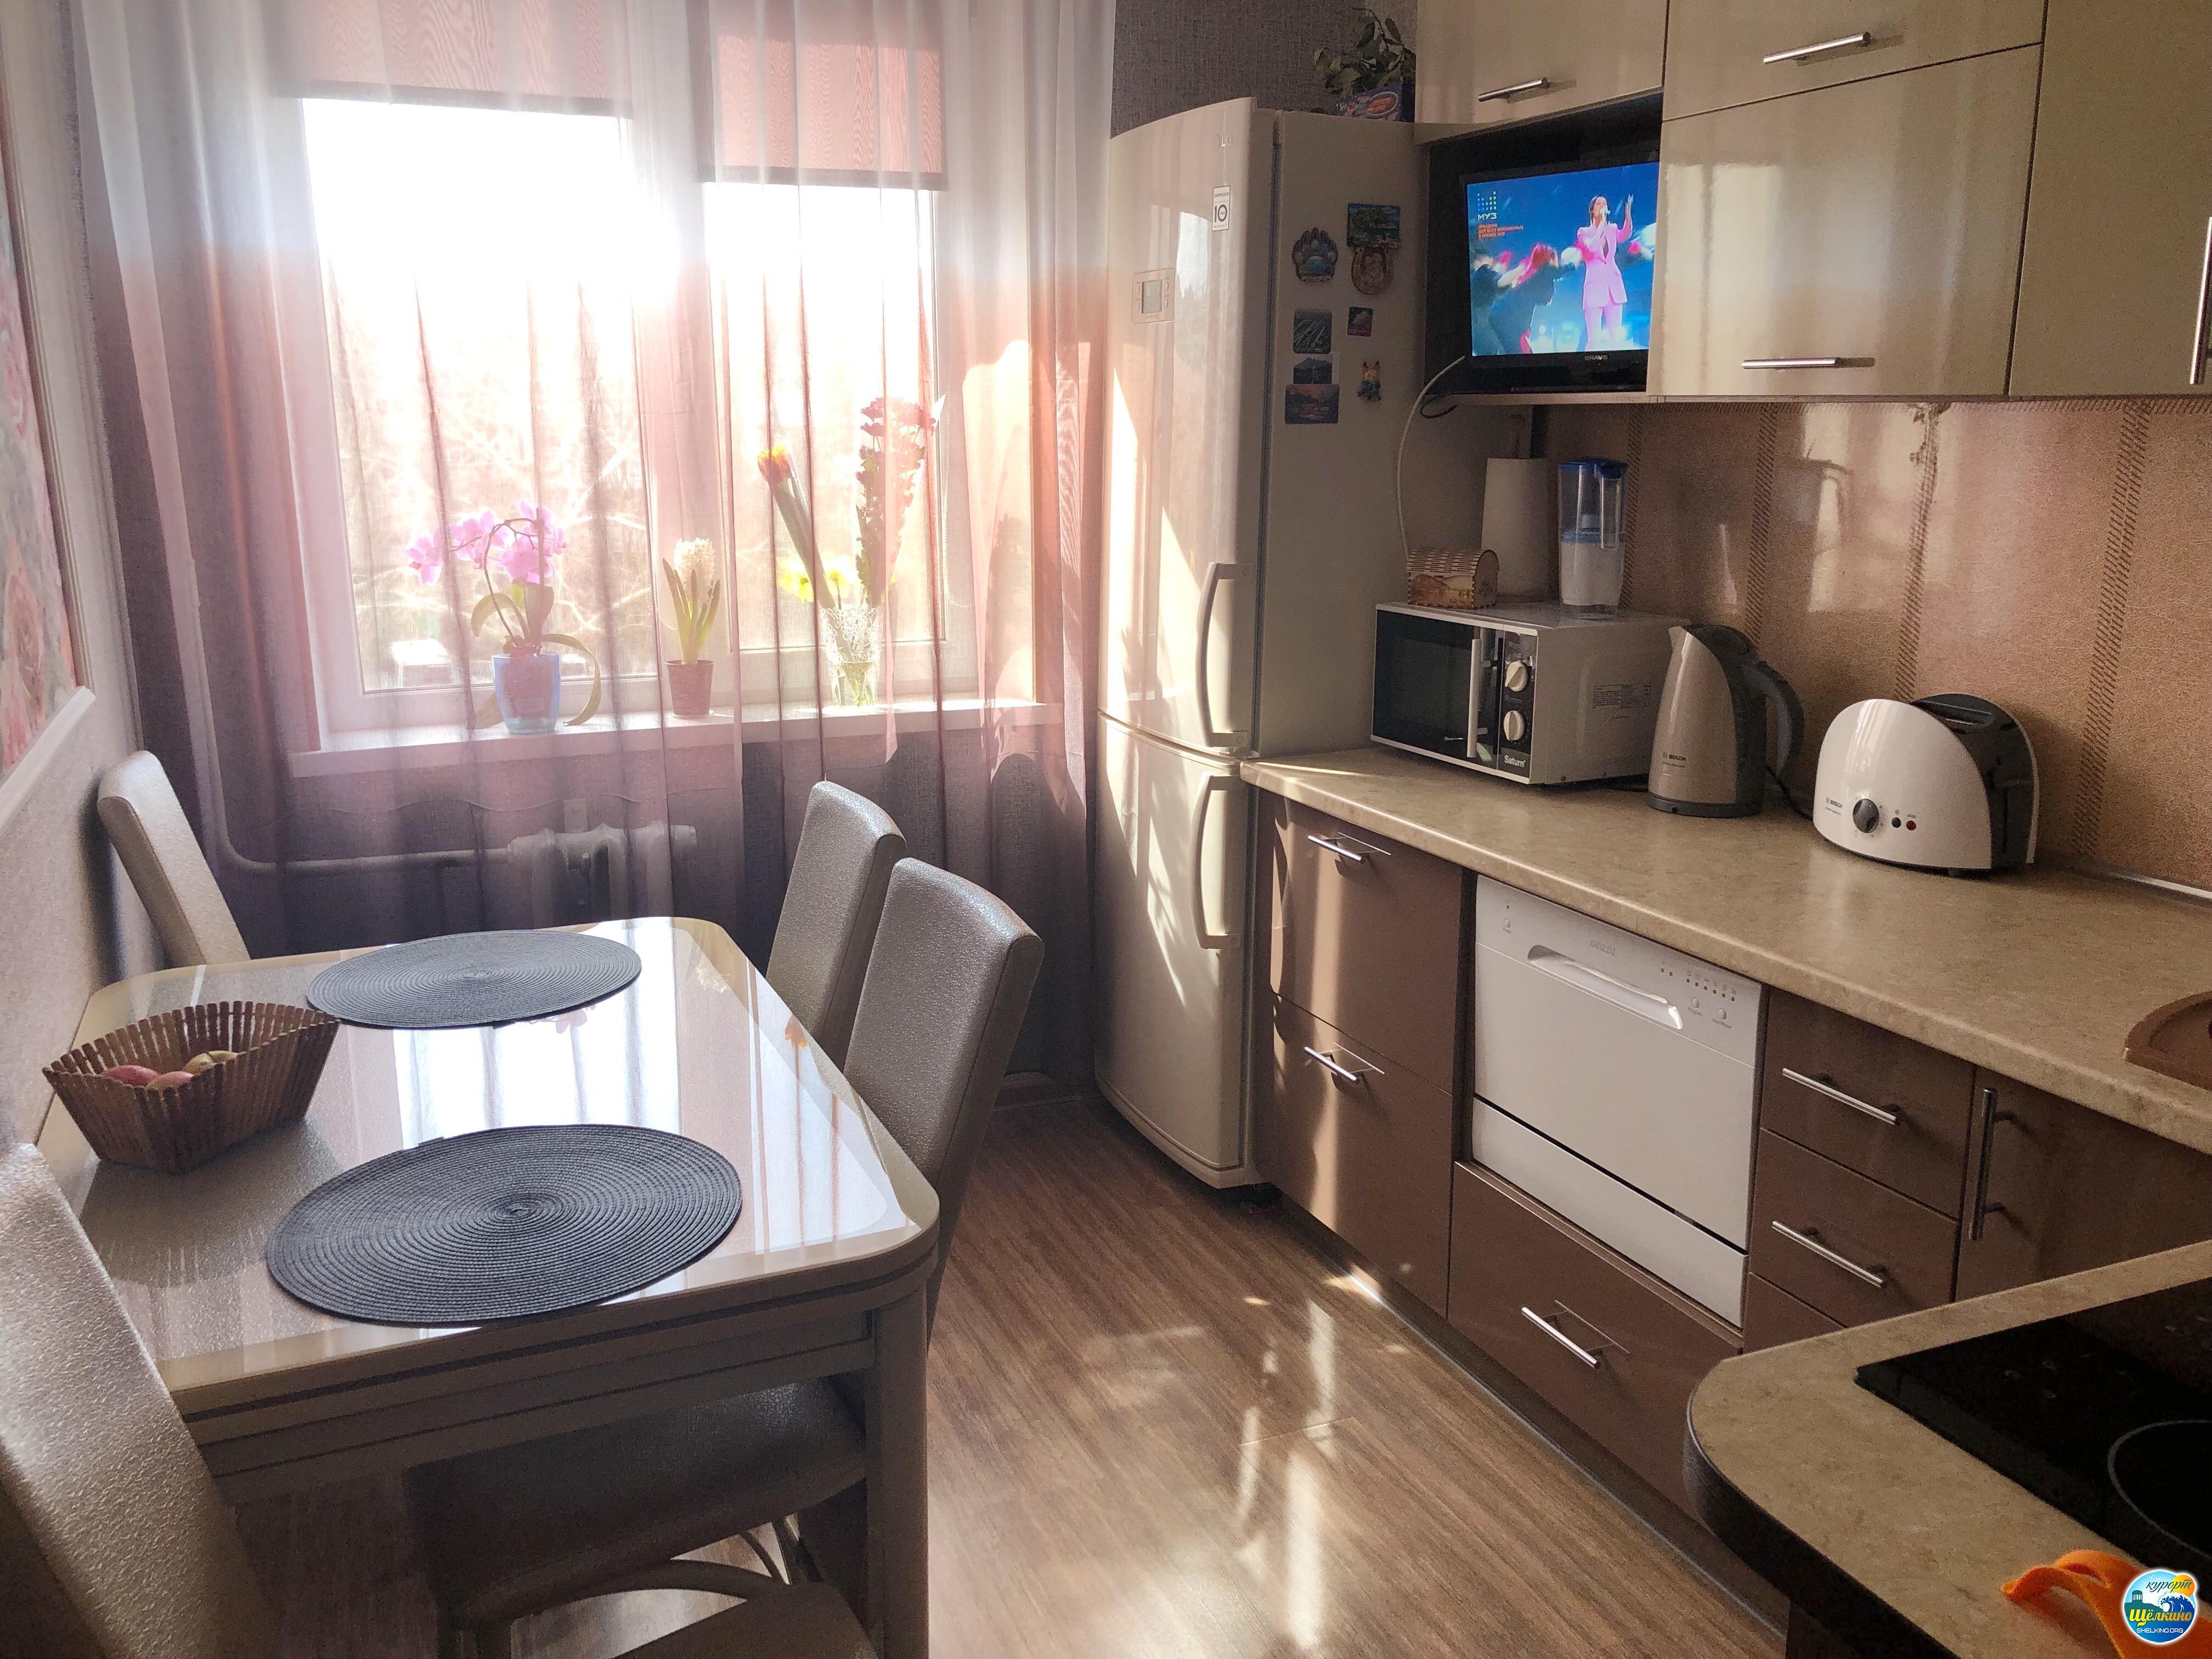 Квартира №245 2 комн. в 29 доме